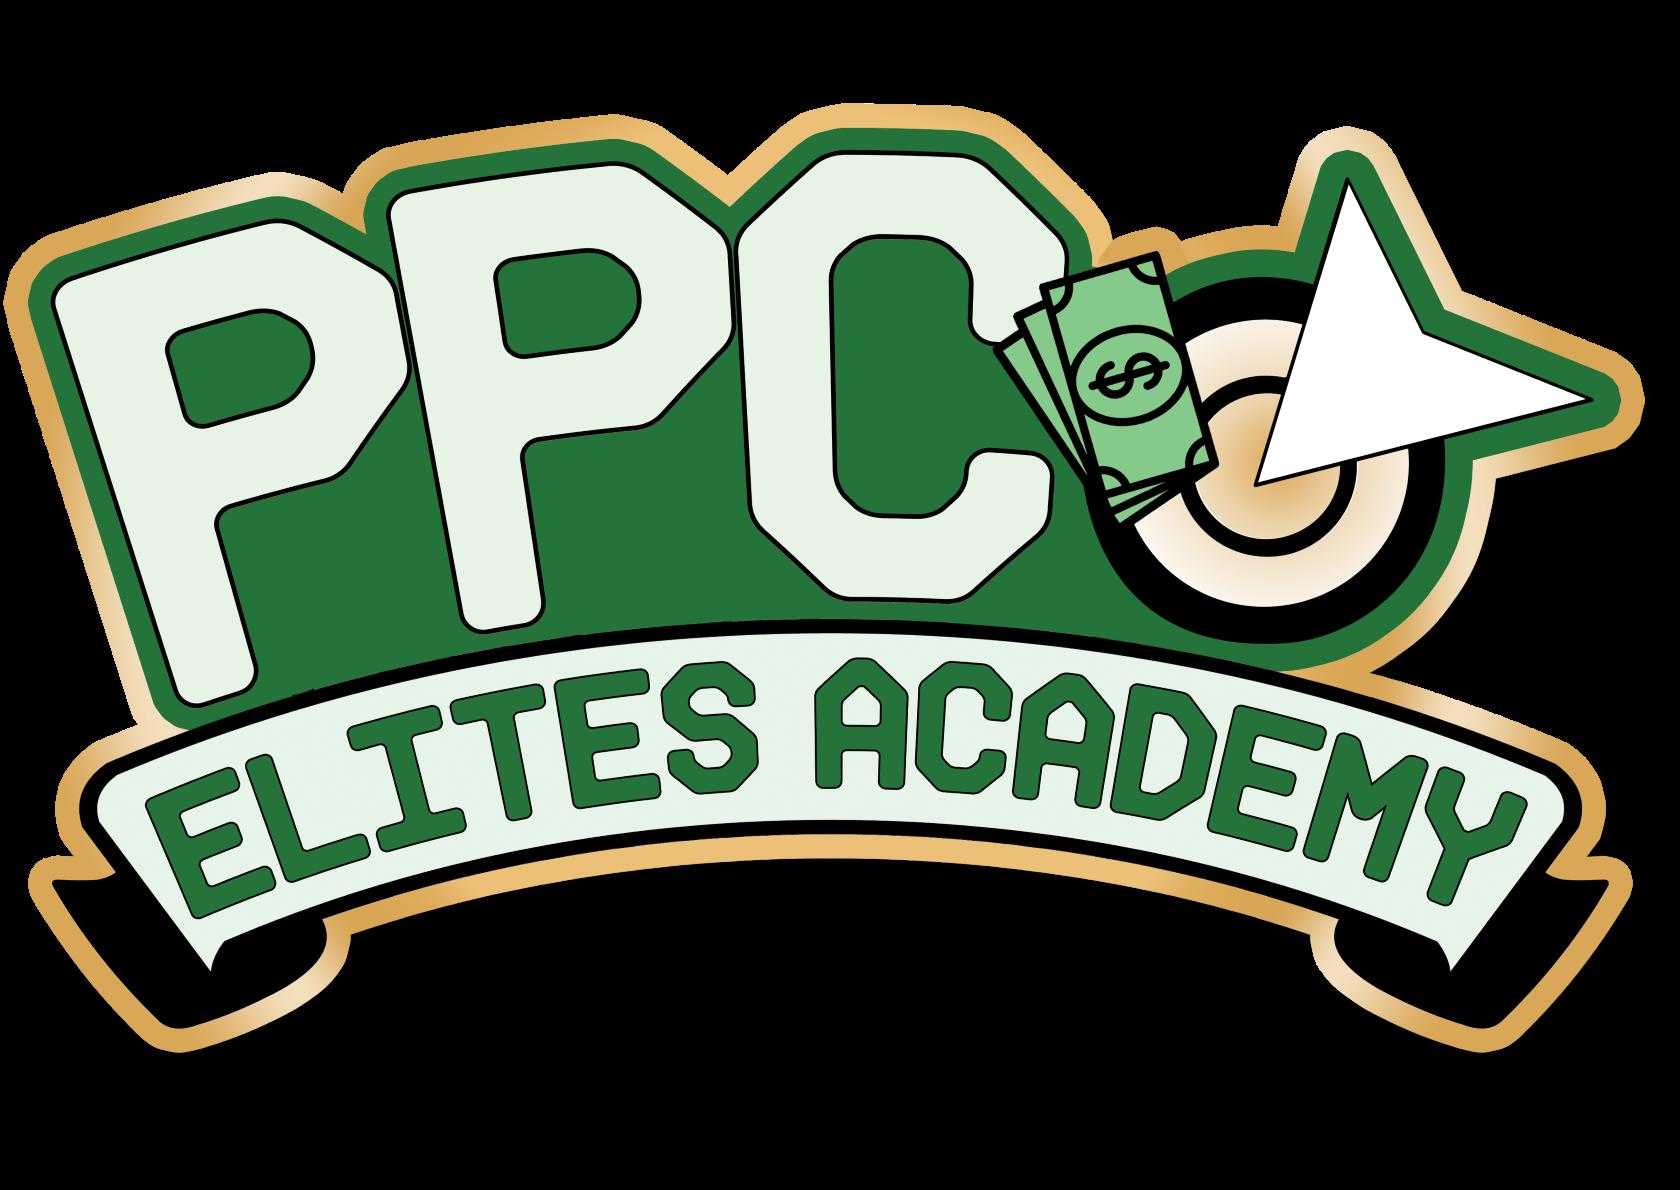 Shopify店铺从零开始扩大到每天60美元的利润 Shopify + Google Ads(PPC Elites Academy)